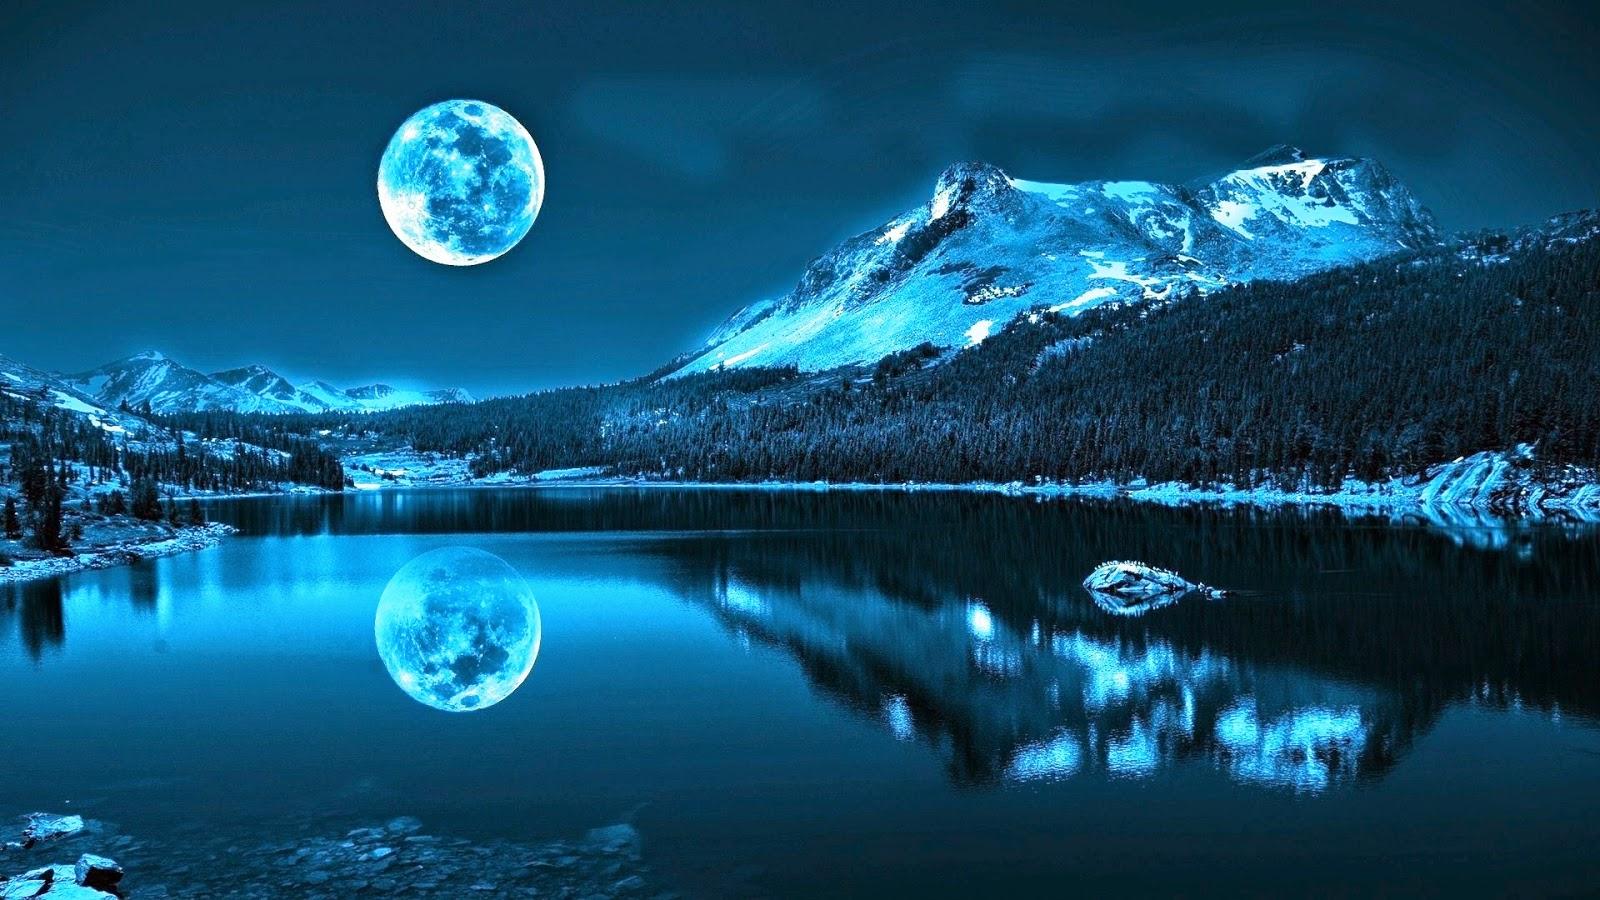 صورة مناظر طبيعية من العالم , صور جمال الطبيعة 5462 4